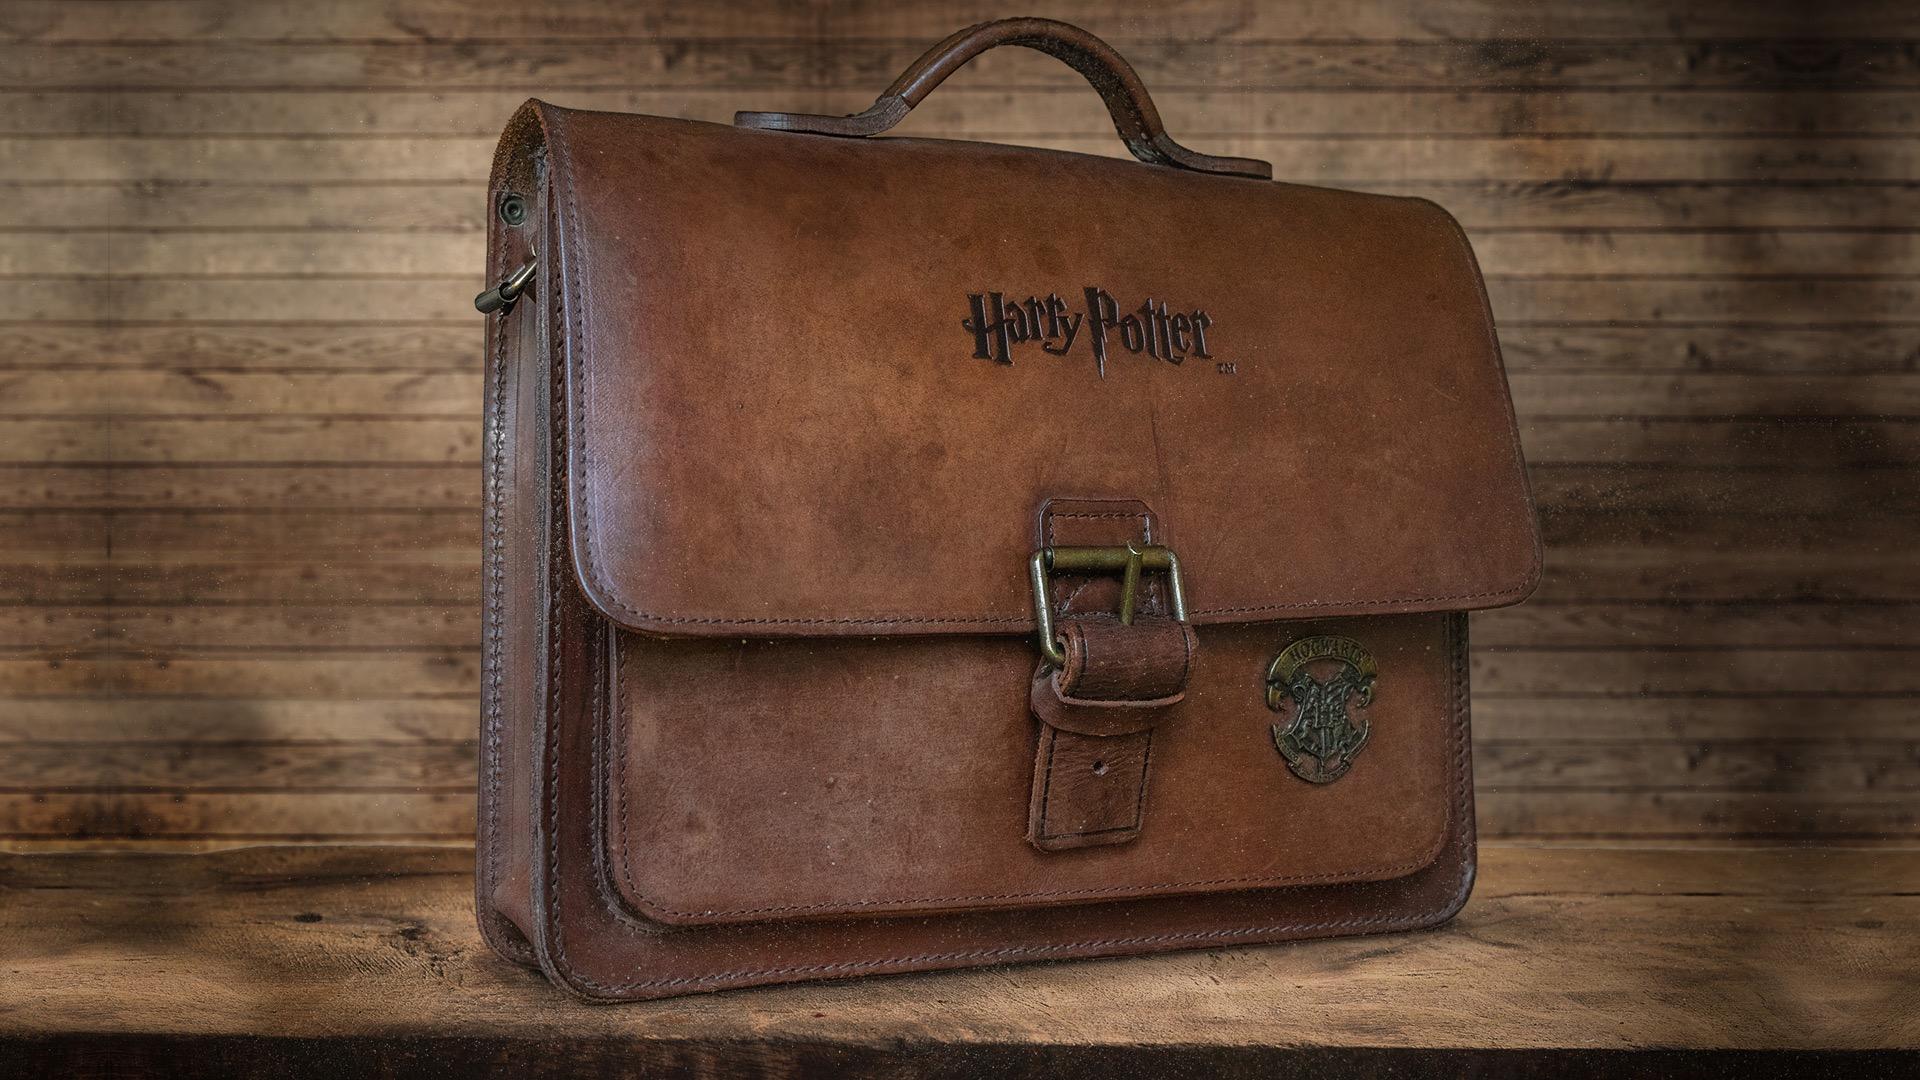 Je Harry Acheter Potter Encore Un Puis Cartable 6v7gfbyY